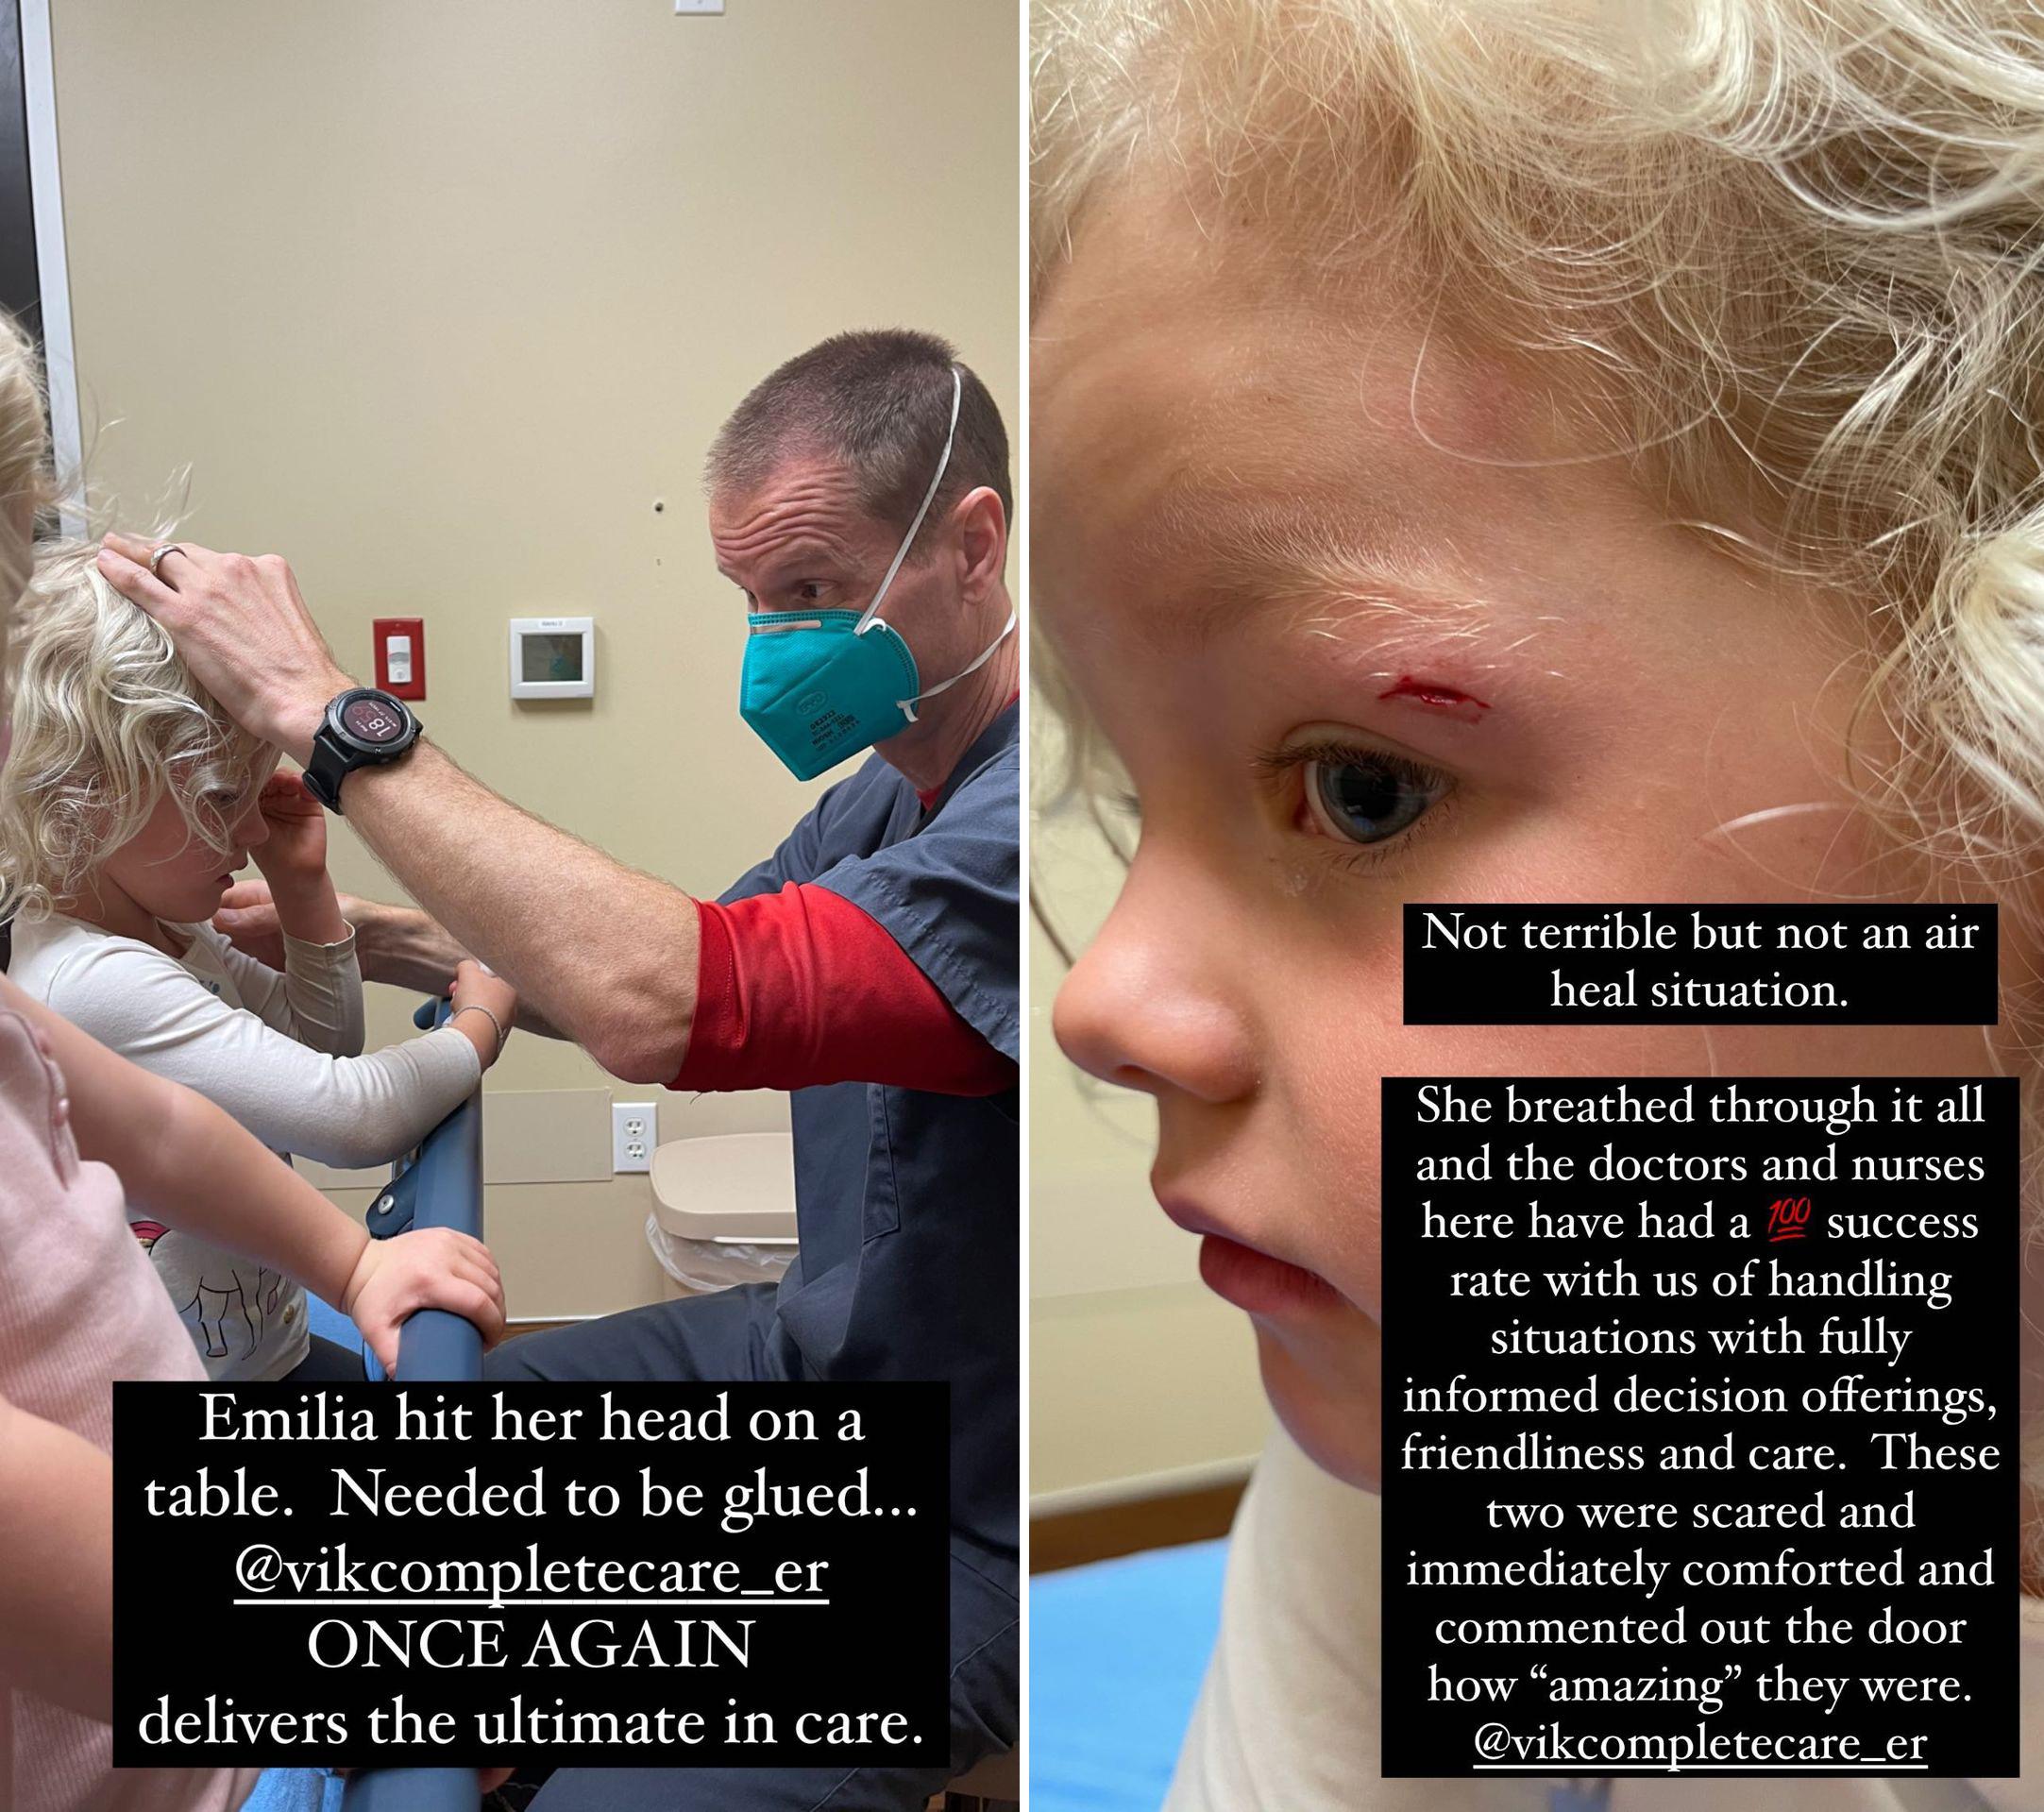 James Van Der Beek's Daughter Emilia, 4, Goes to ER After Hitting Head